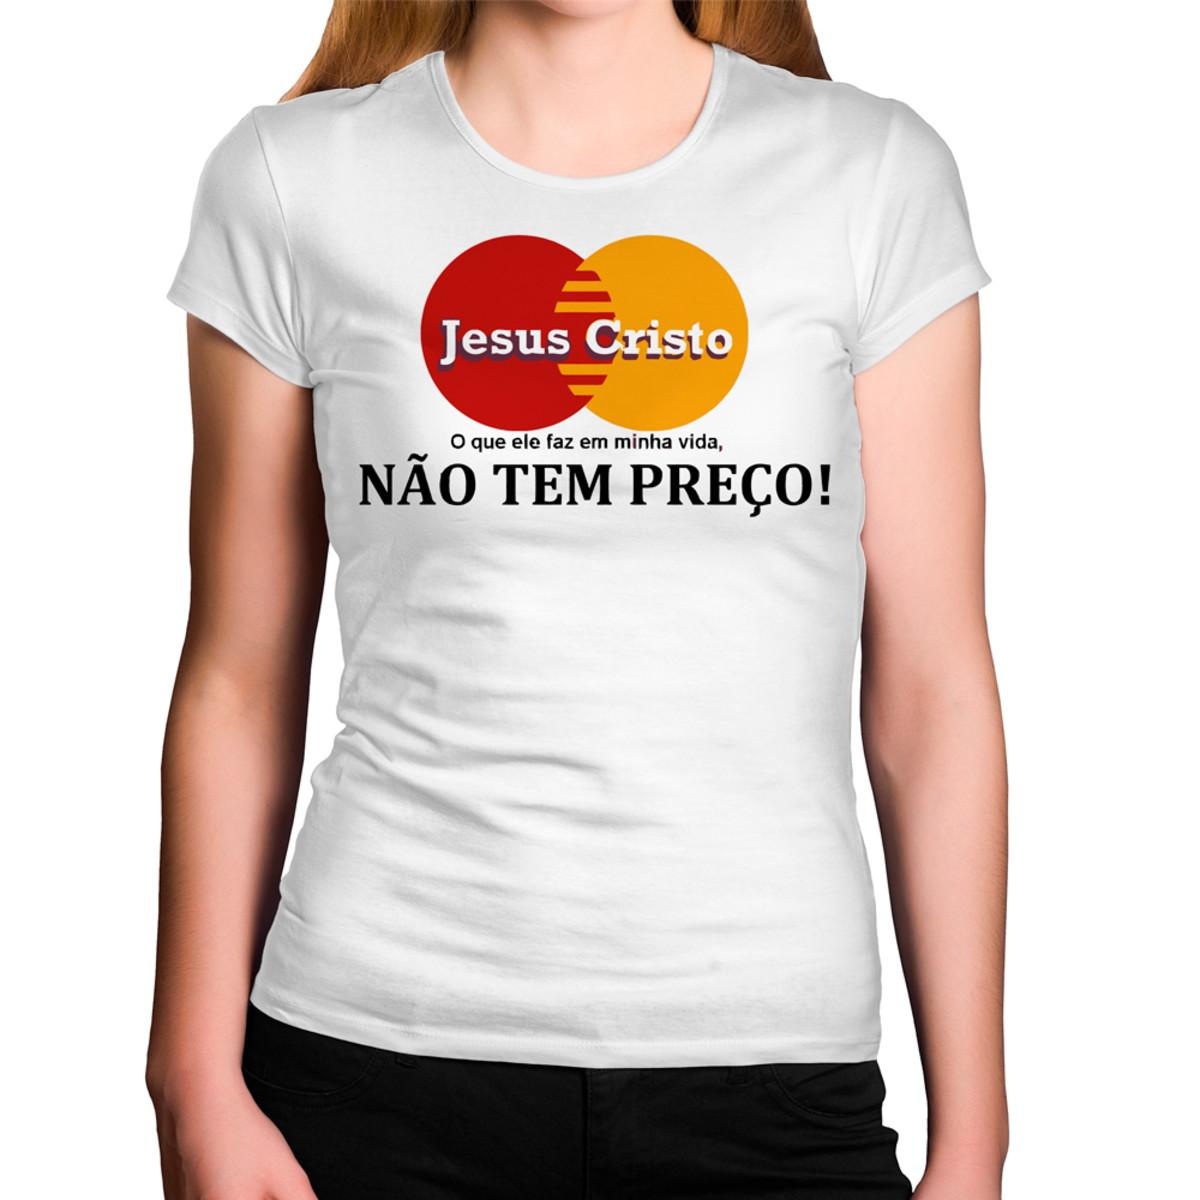 ec137e9dc Camiseta Feminina Jesus Cristo Não tem Preço no Elo7